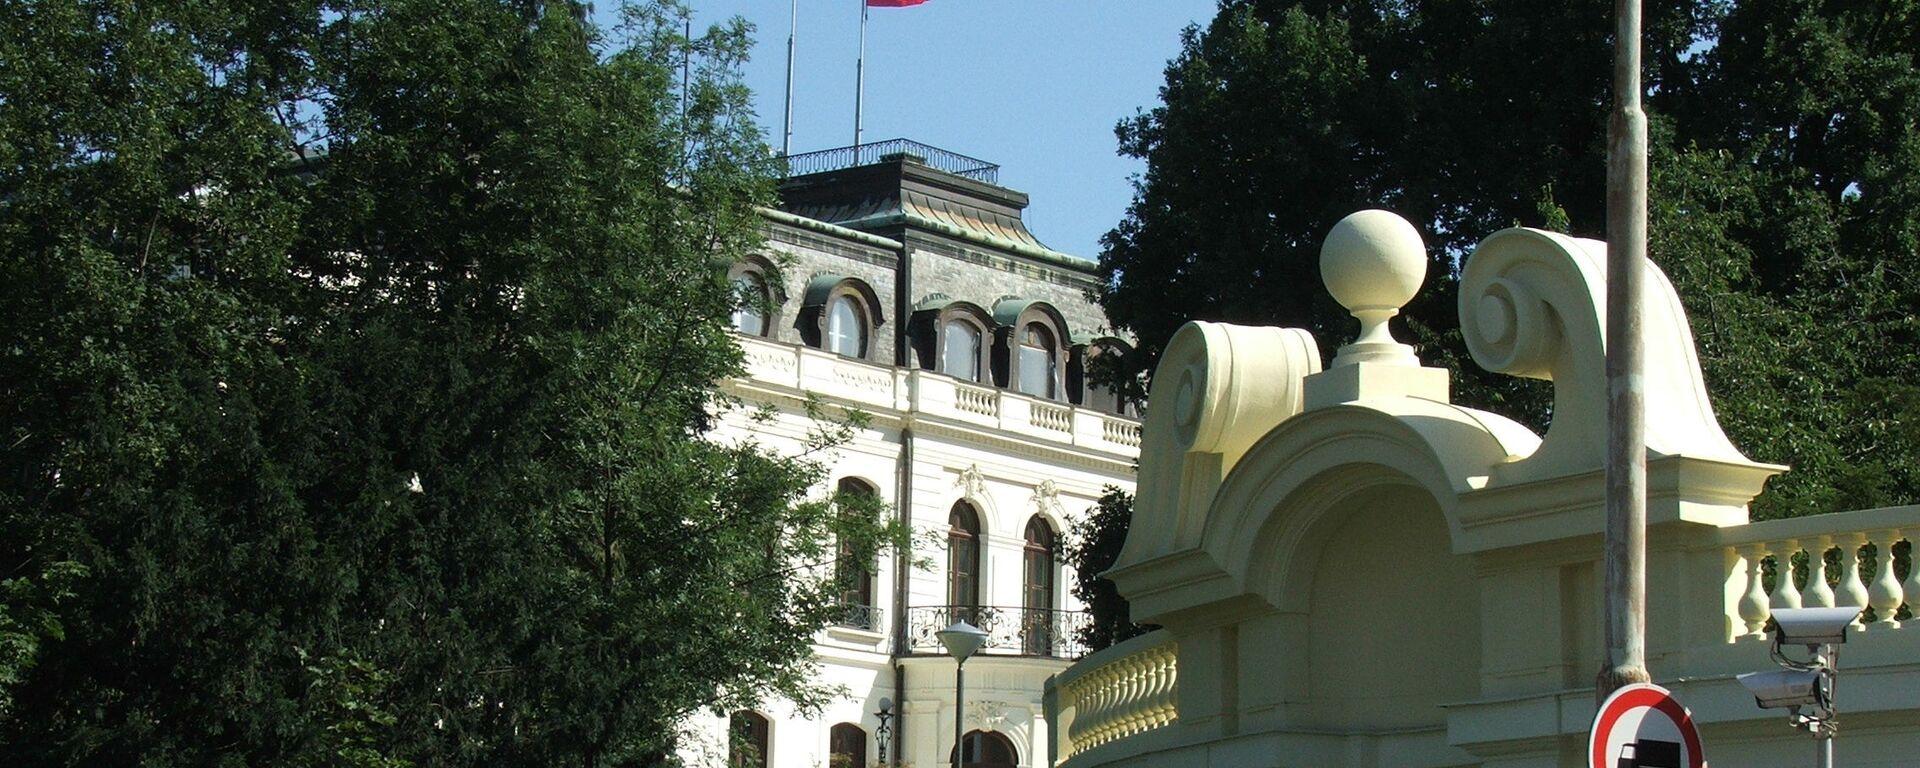 Ruské velvyslanectví v Praze - Sputnik Česká republika, 1920, 02.09.2021